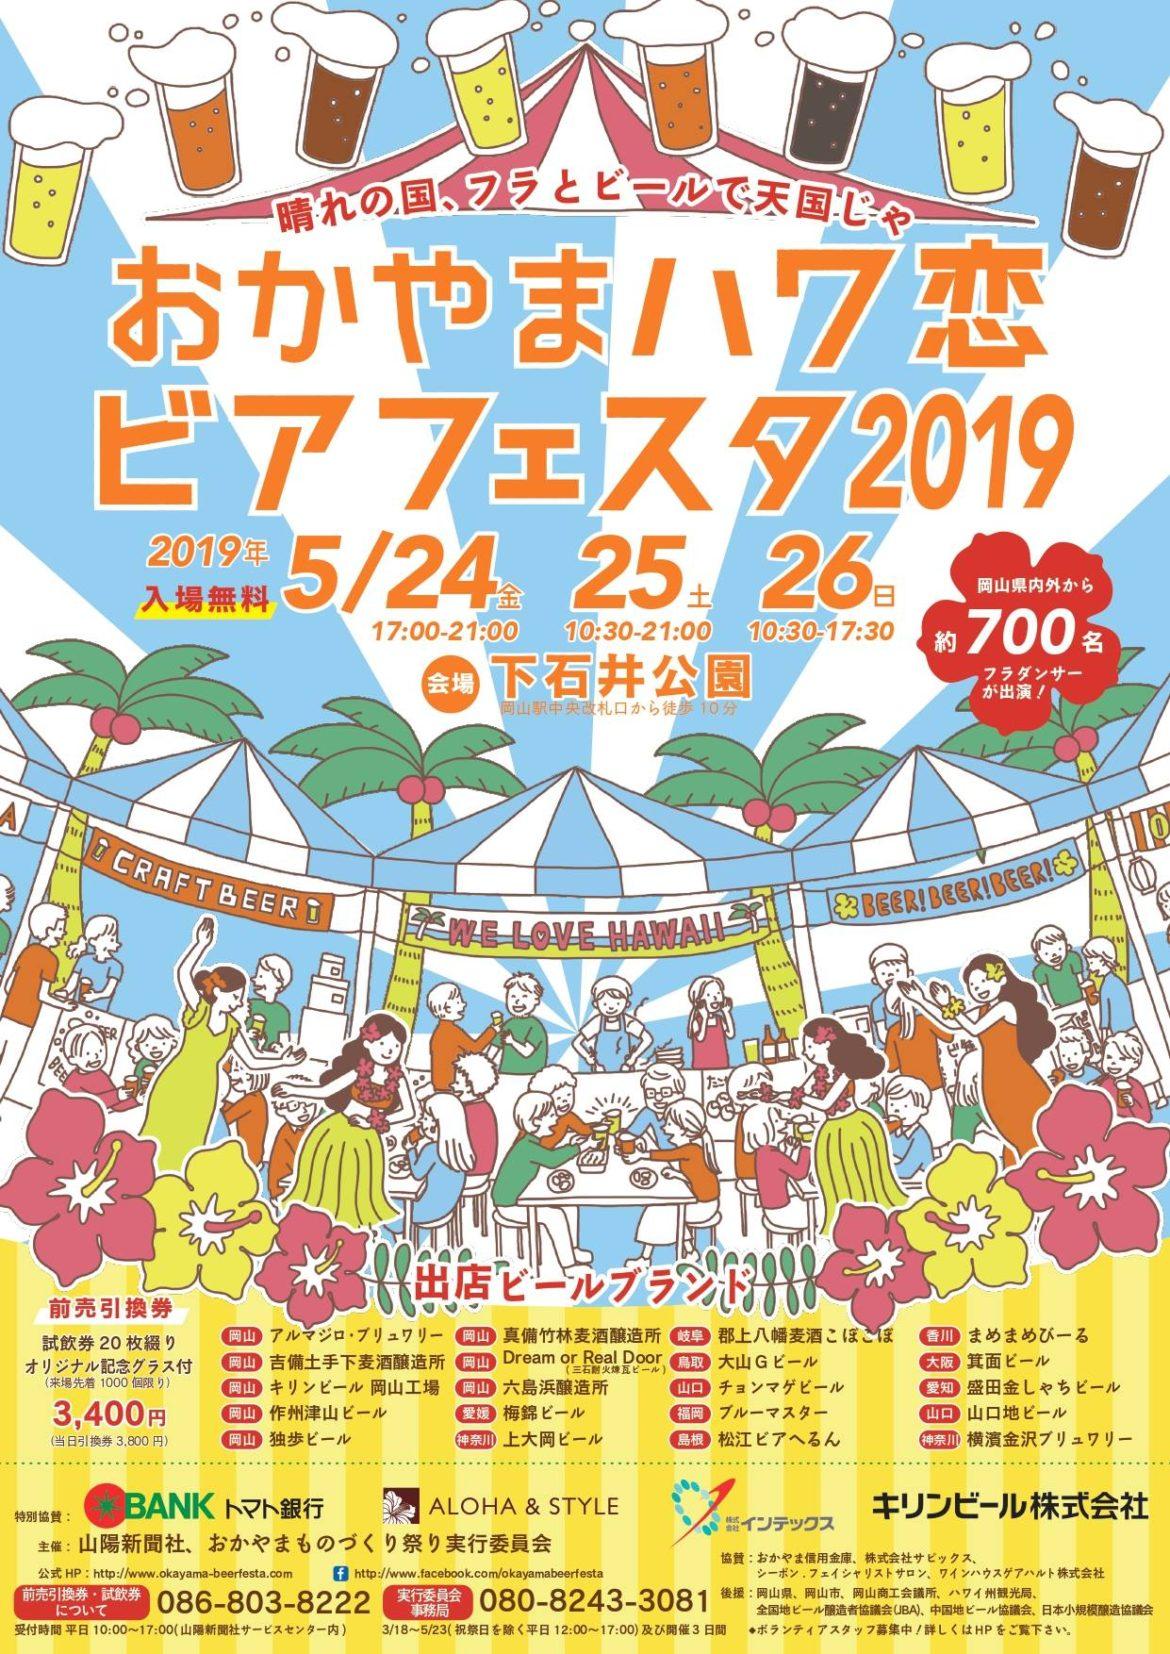 おかやまハワ恋ビアフェスタ2019